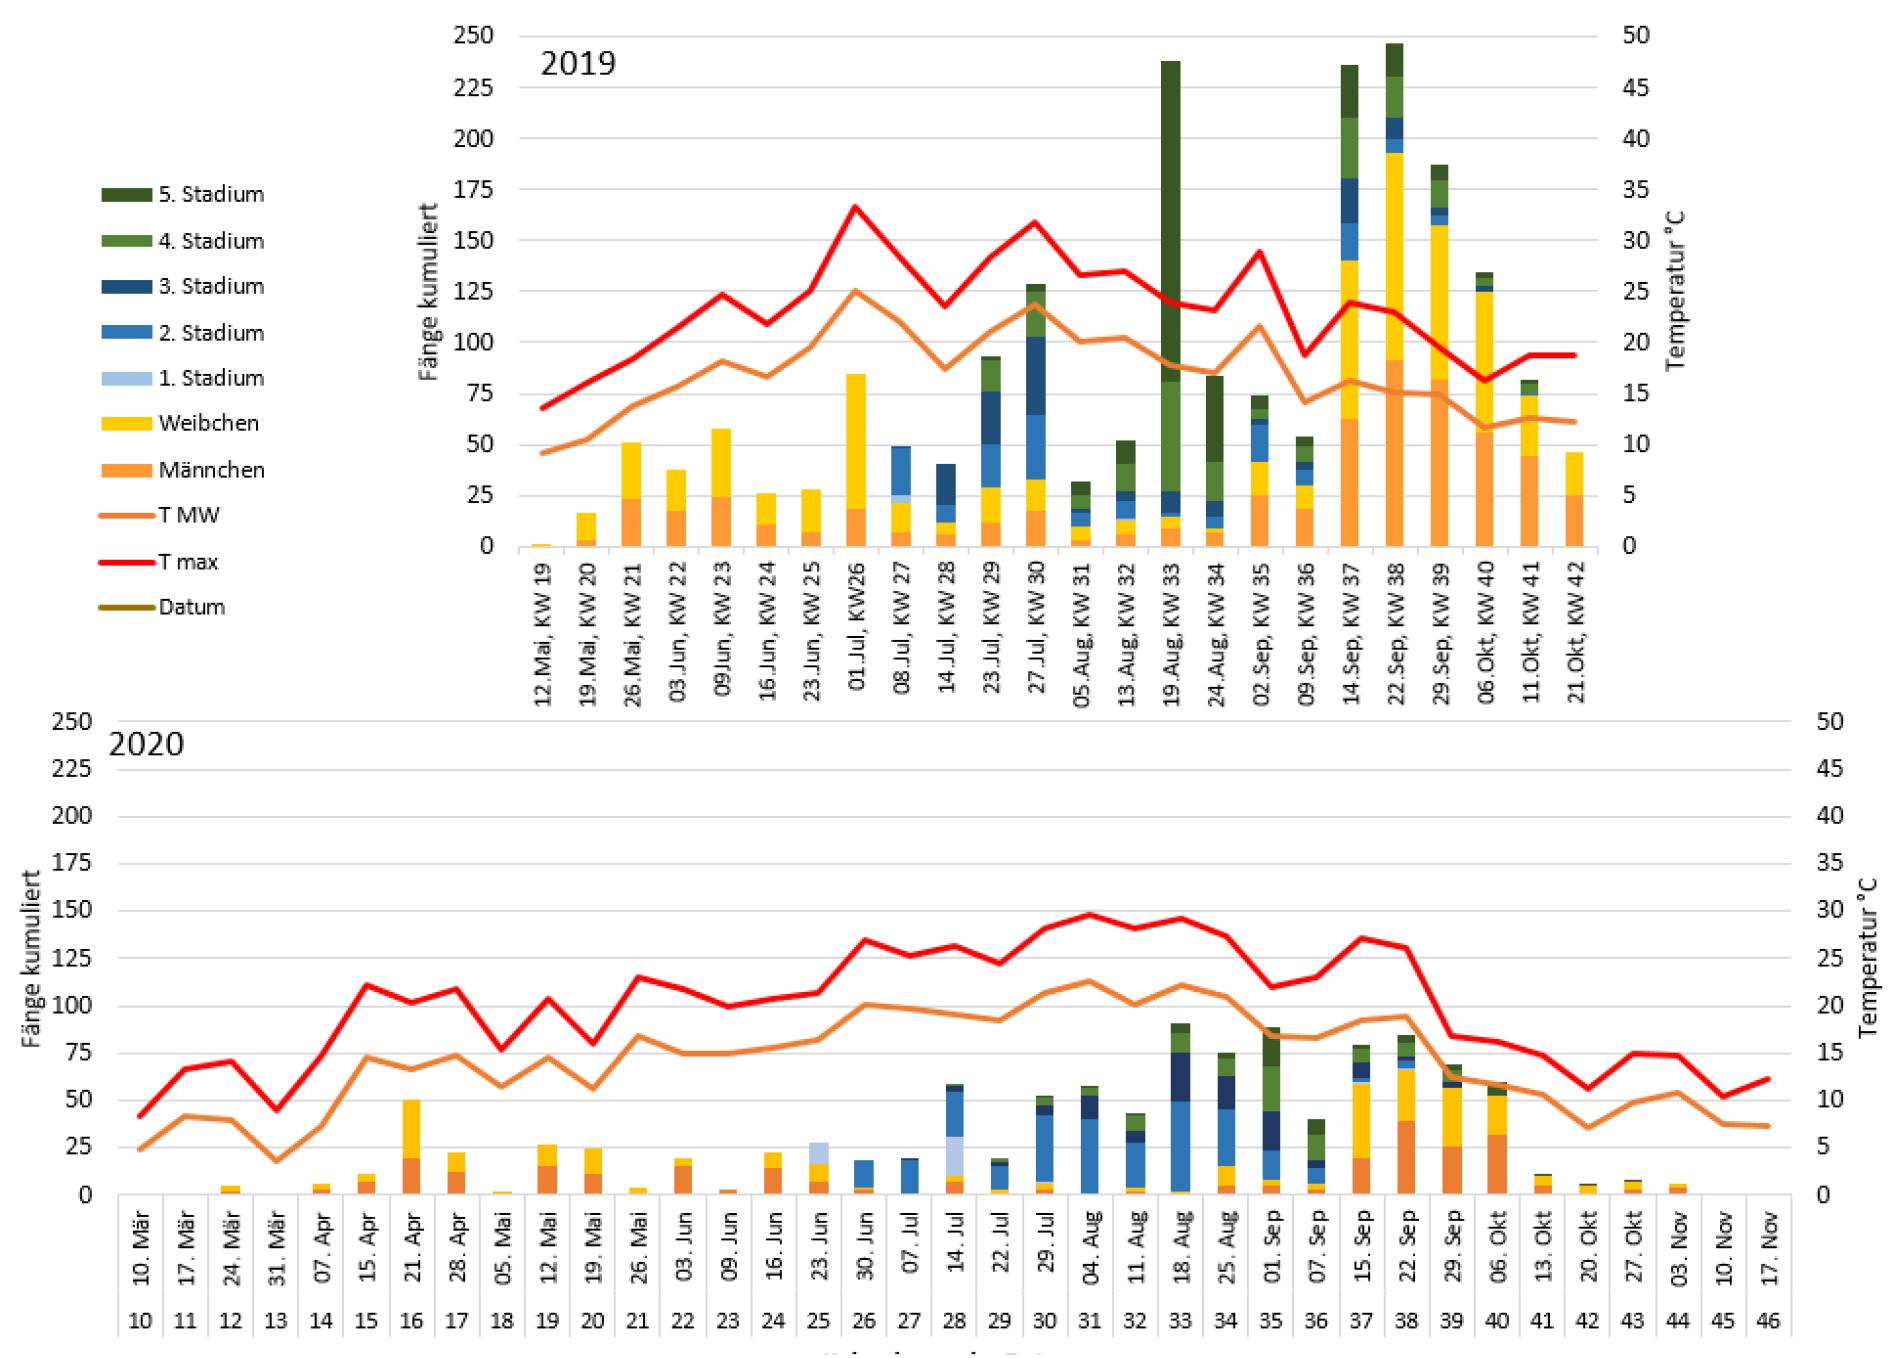 Marmorierte Baumwanze Vergleich Monitoring 2019 & 2020